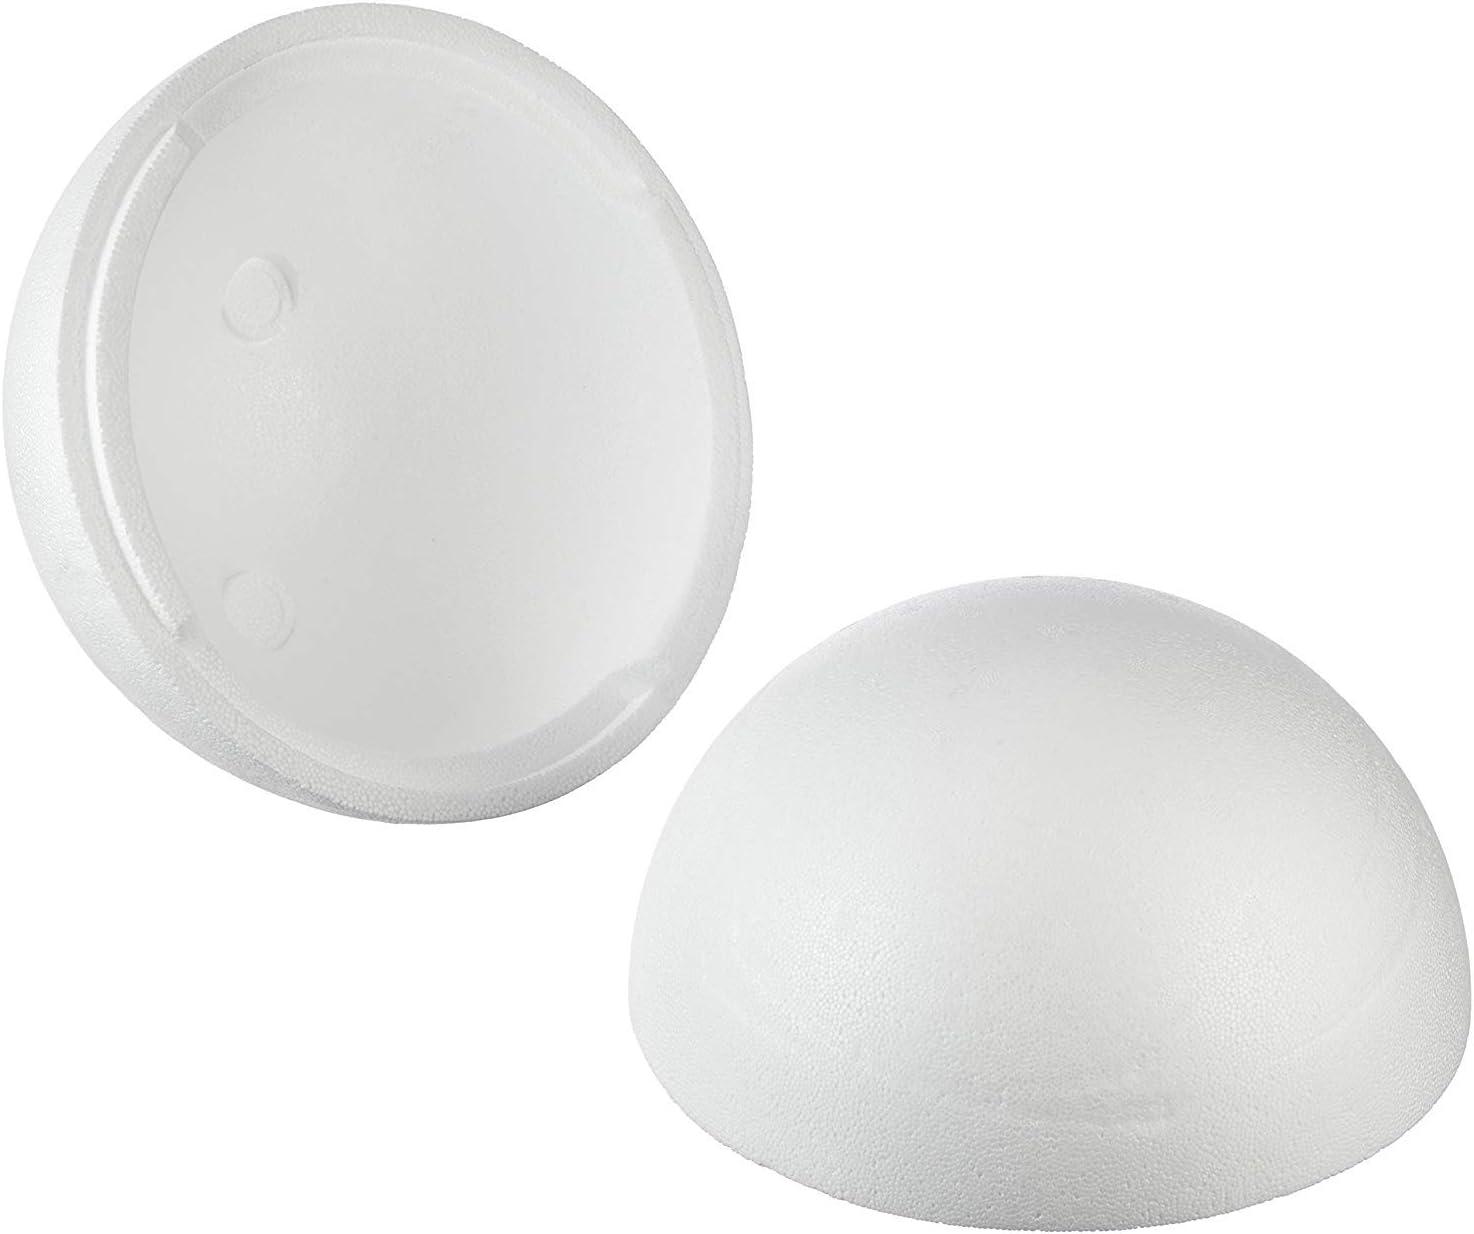 Rayher Bola de poliestireno, Dos mitades, Color Blanco, 25cm Cada Mitad